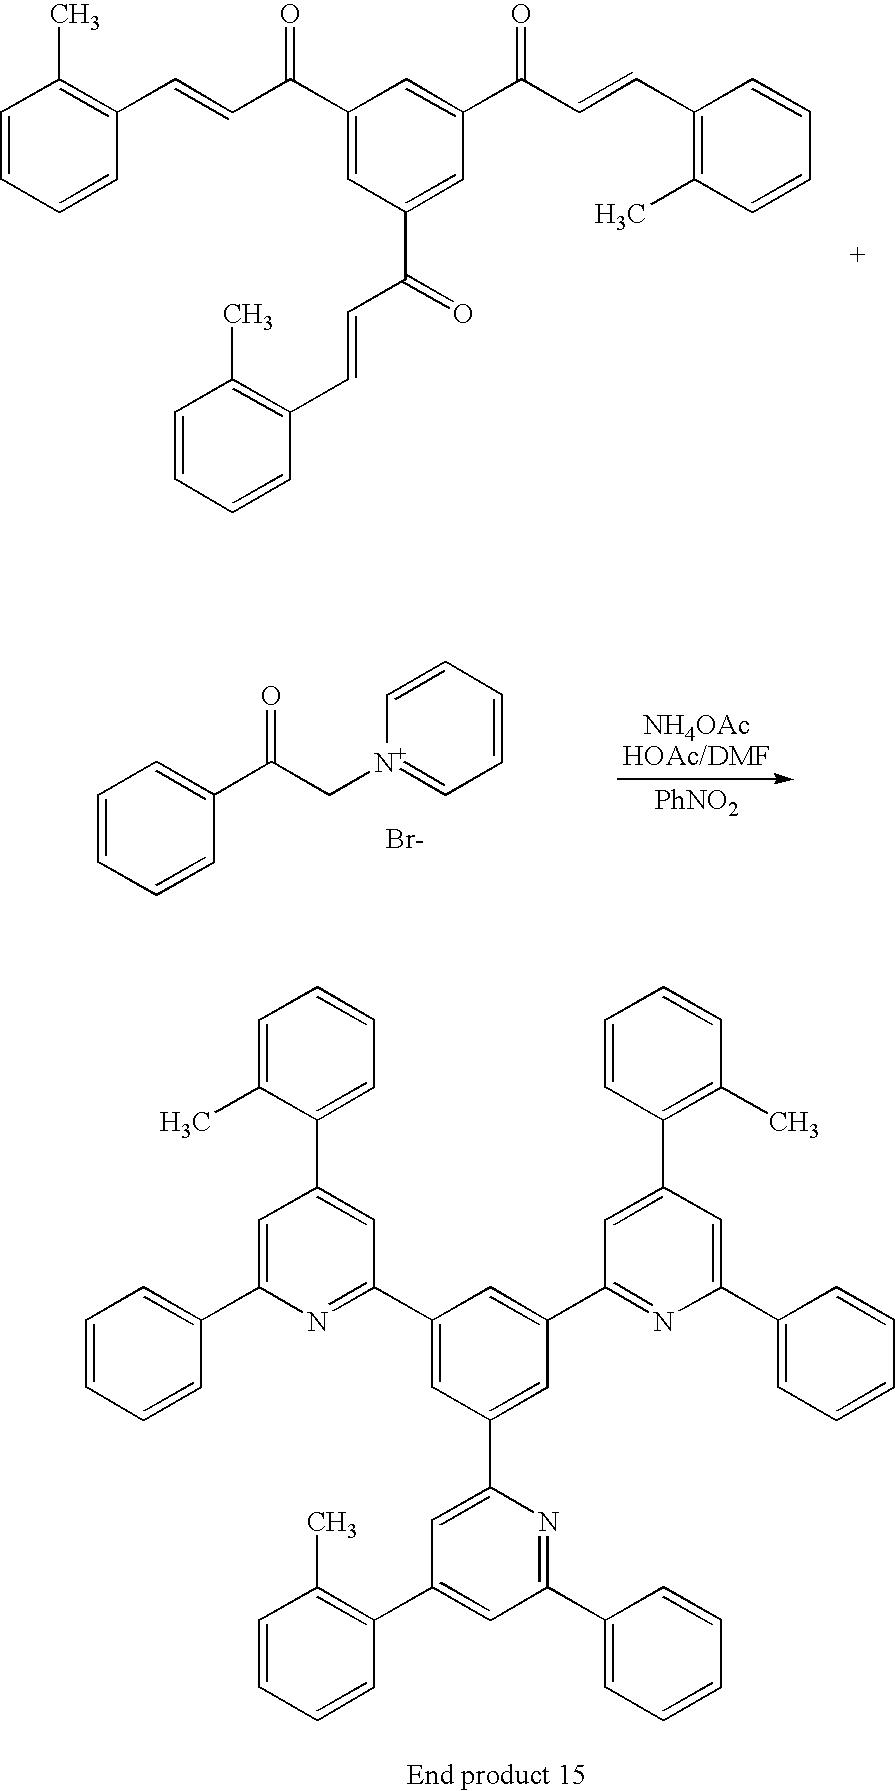 Figure US20060186796A1-20060824-C00137